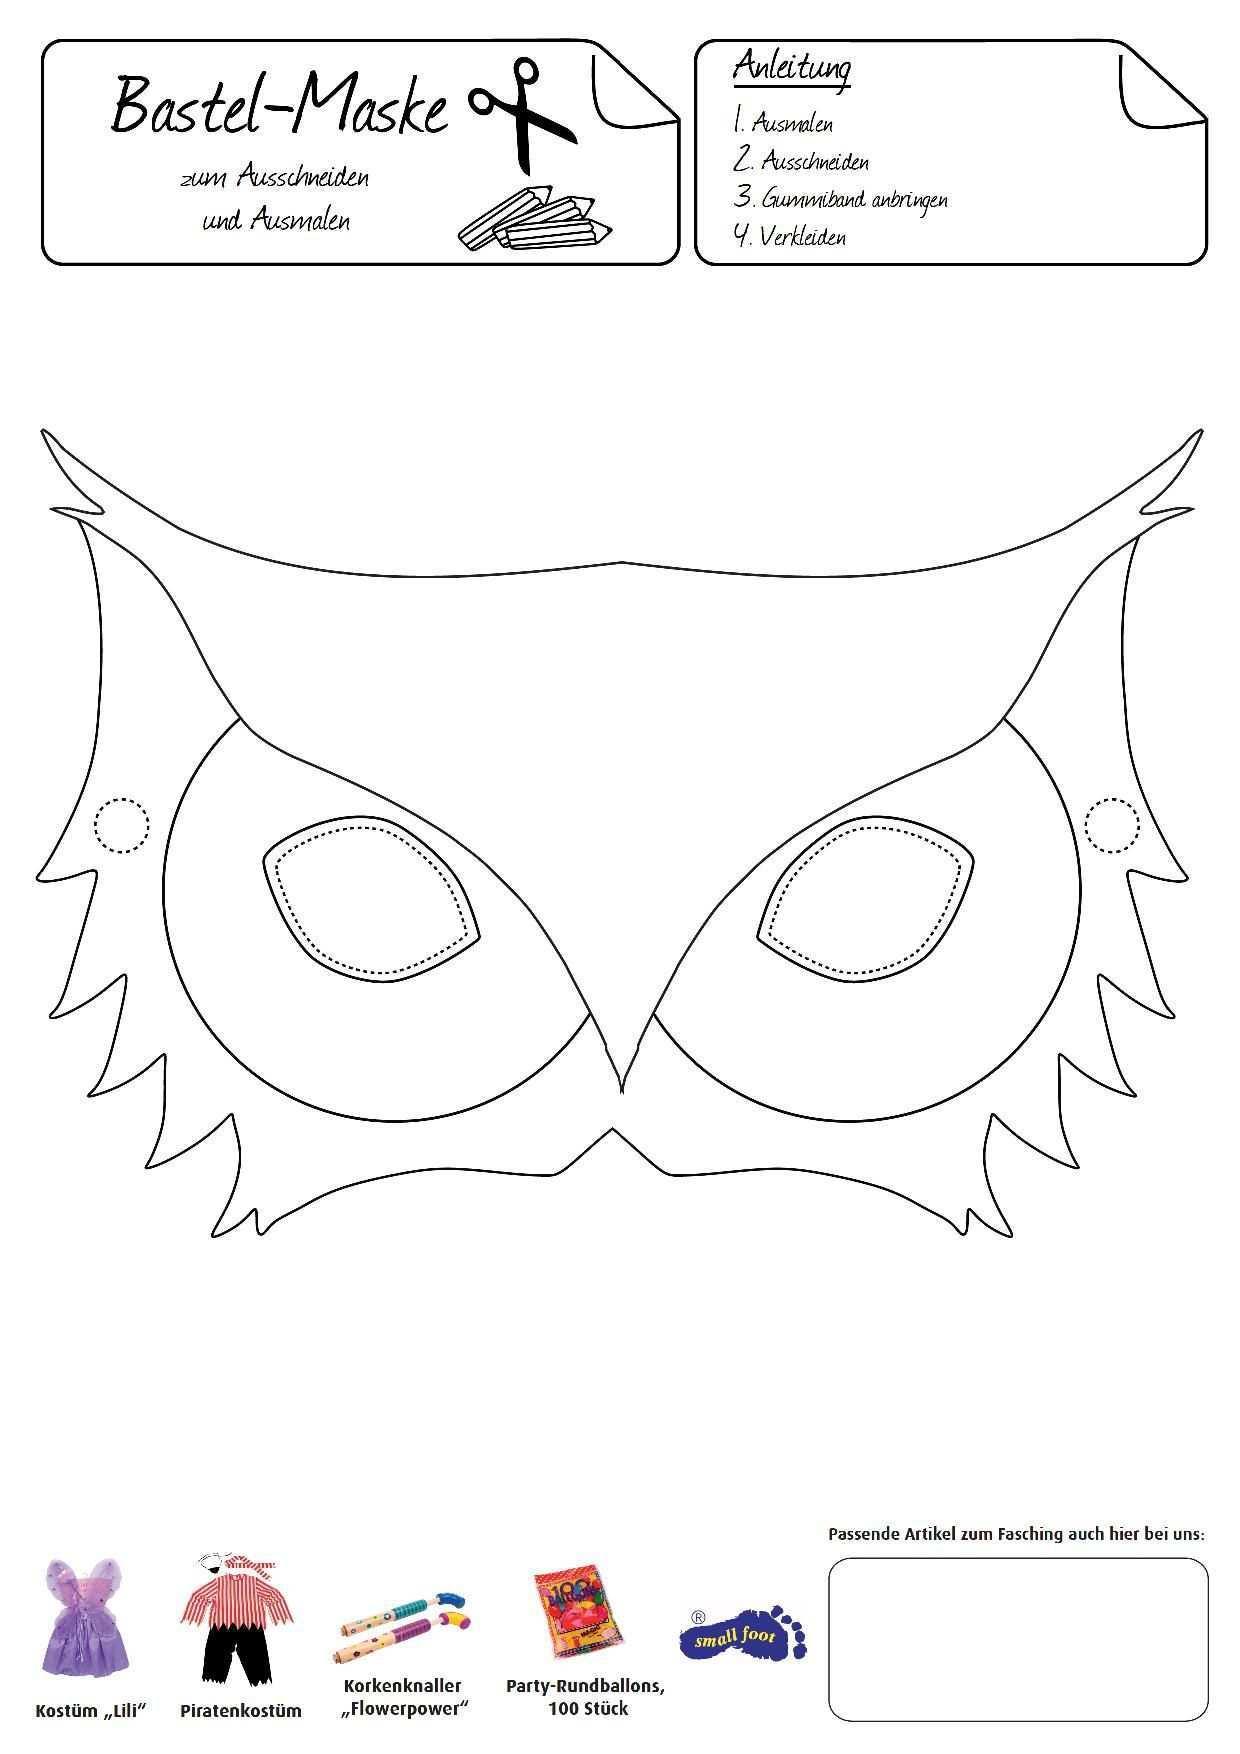 Eulen Maske Das Trendige Tier Zum Aufsetzen Und Verkleiden Halloween Masken Basteln Tiermasken Basteln Masken Basteln